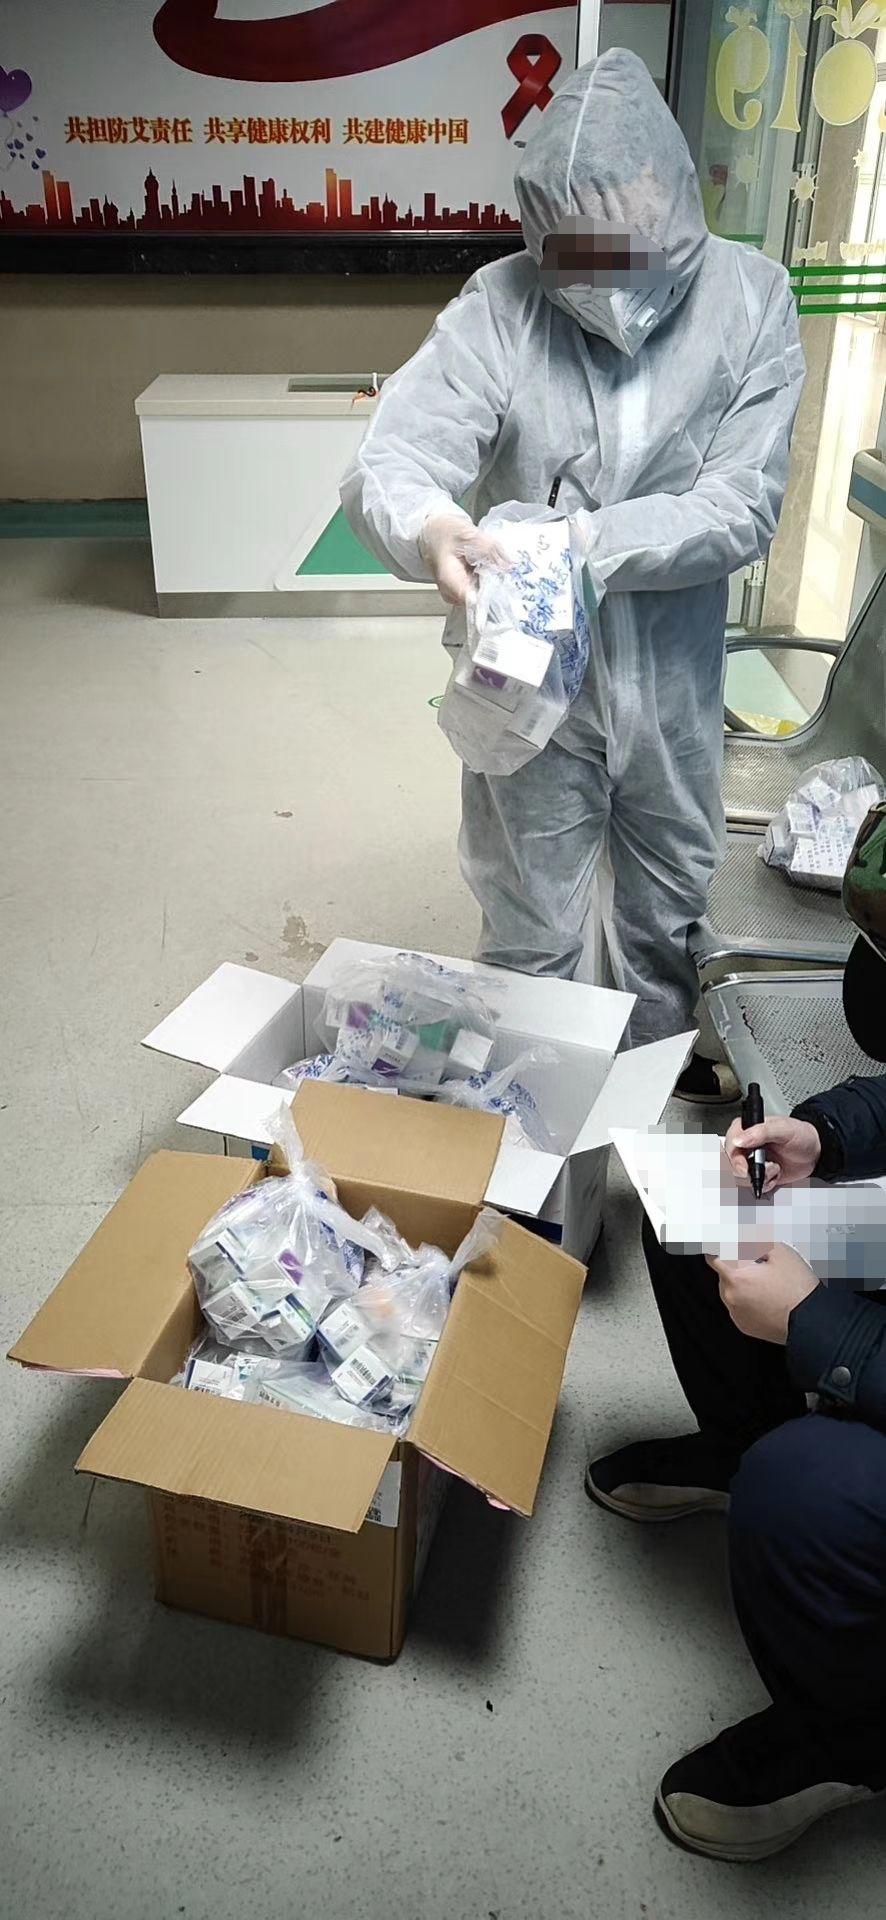 疫情下的艾滋病患者:志愿者代领、邮寄解决断药危机图片